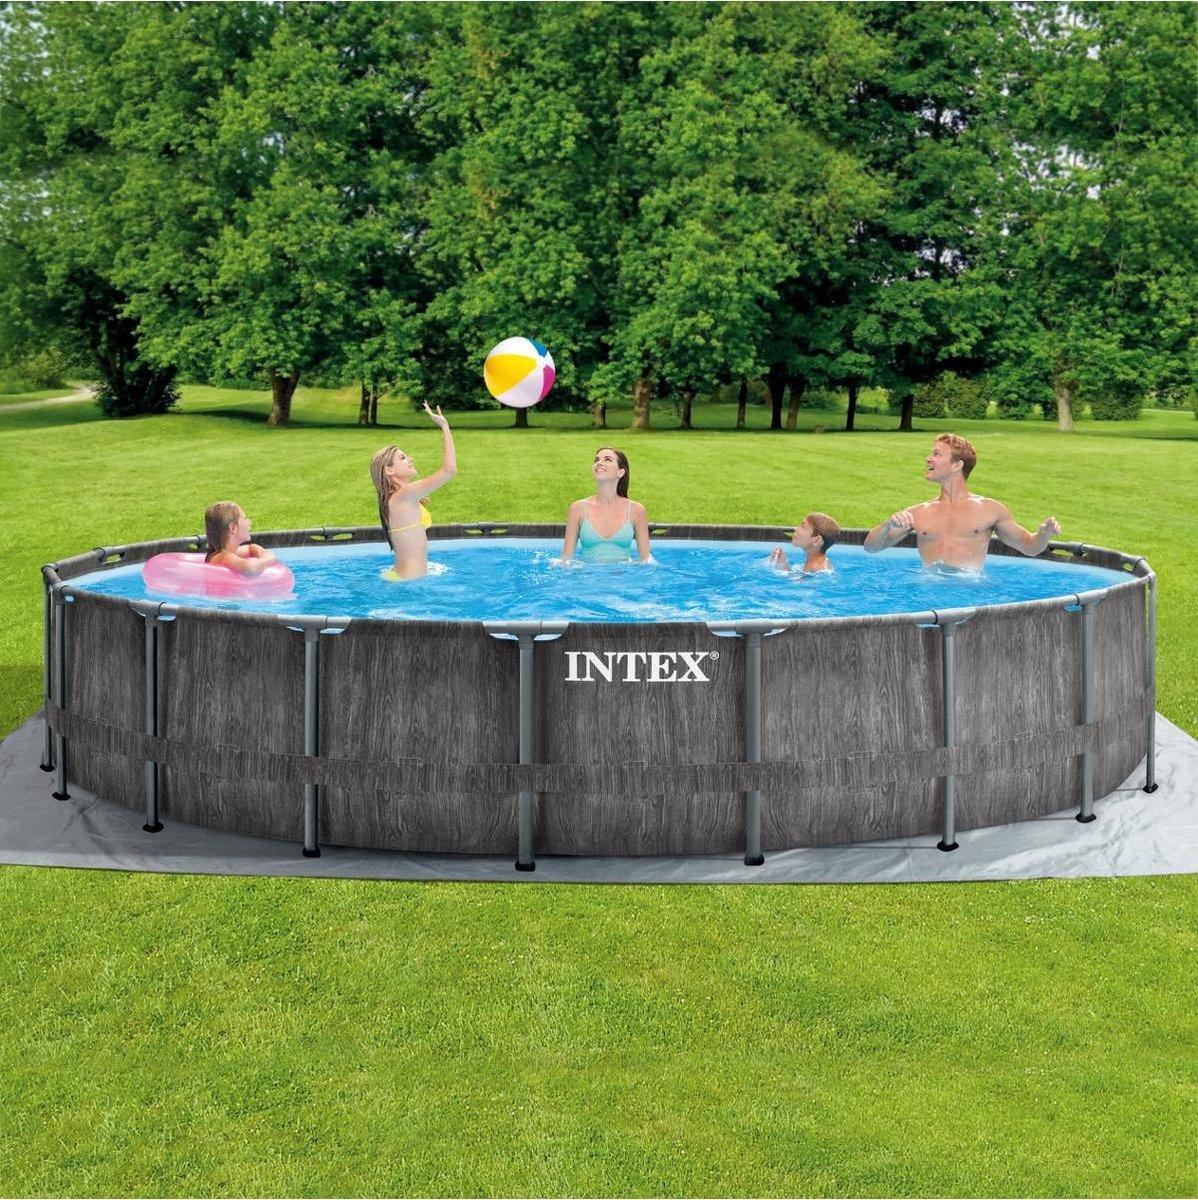 Intex Baltik Frame Pool - Houtlook zwembad - 549x122 cm - met pomp en accessoires